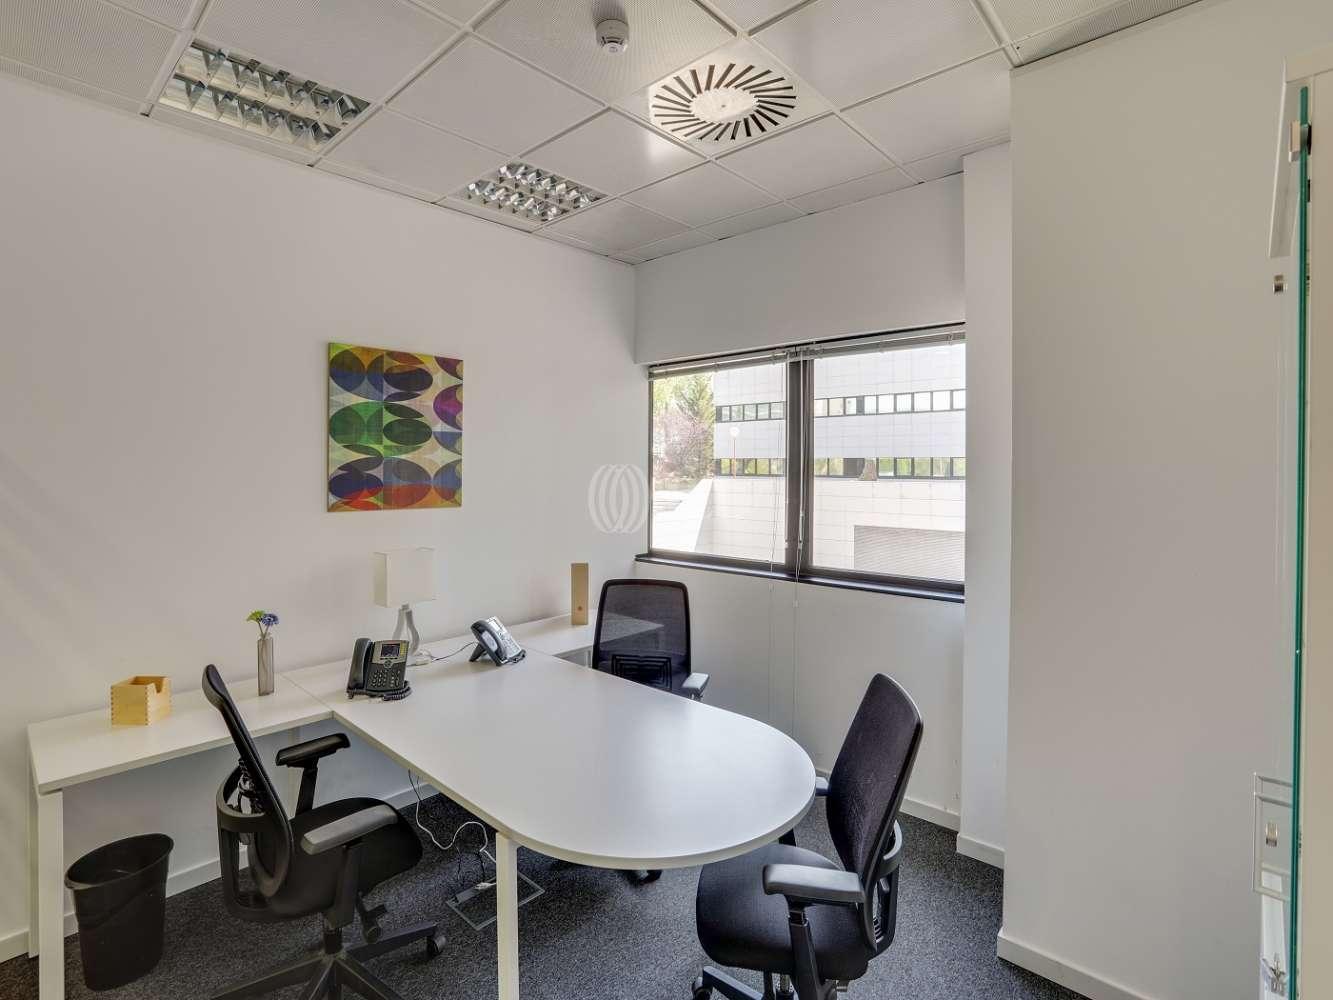 Oficina Las rozas de madrid, 28232 - Coworking - Las Rozas - 20149